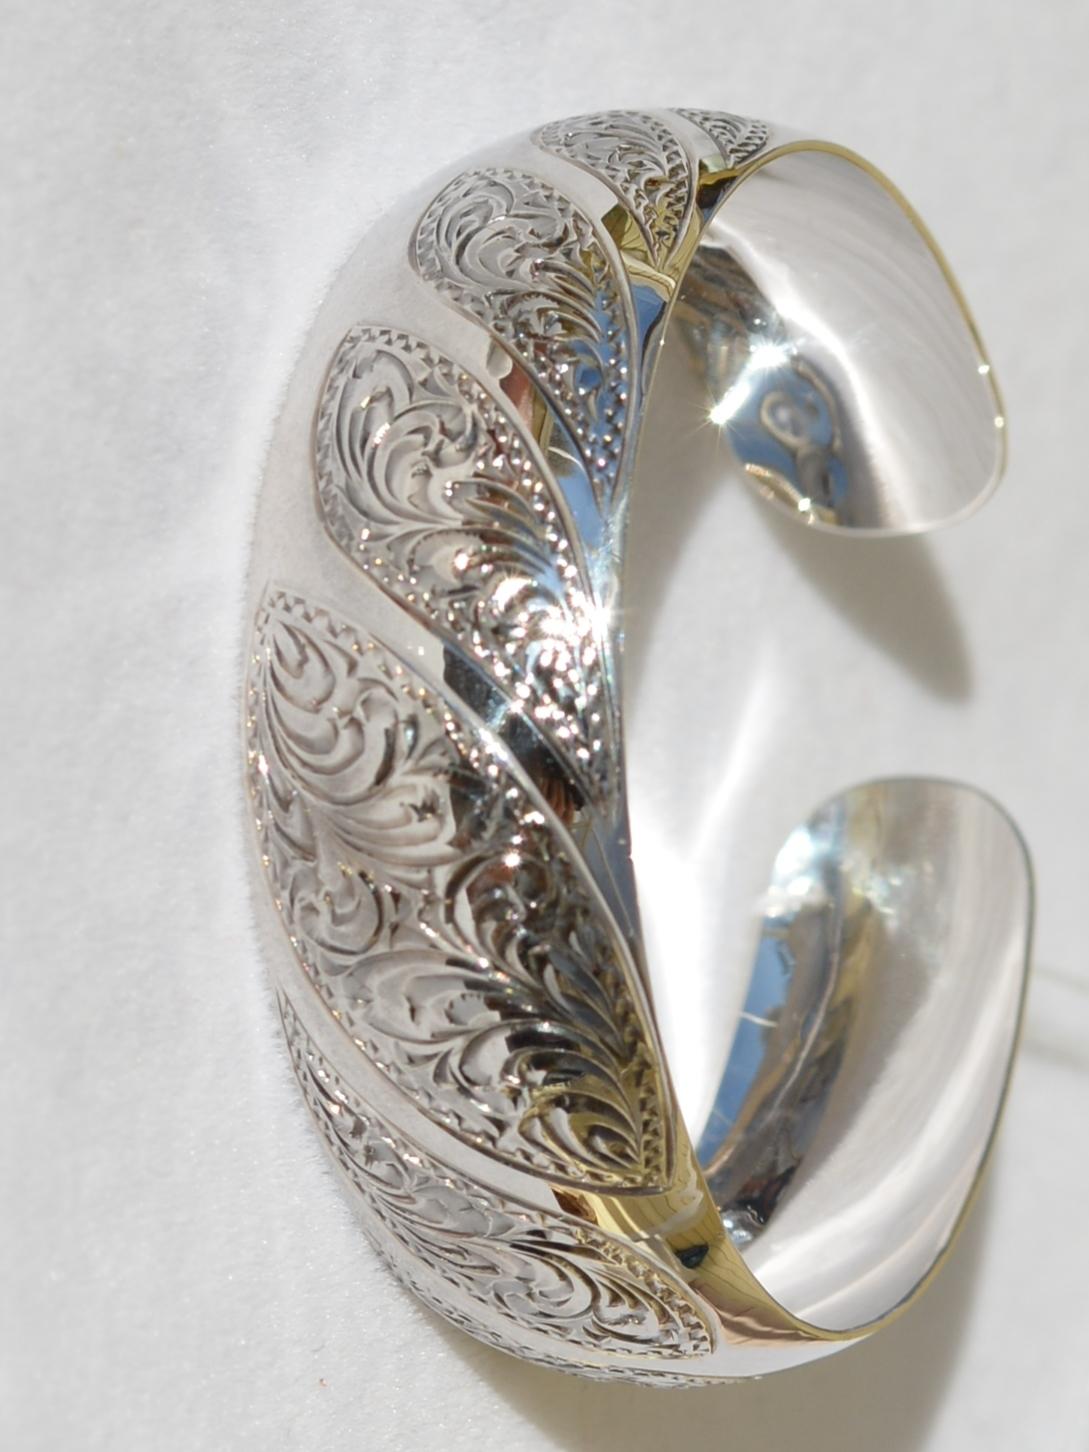 Сорби (серебряный браслет)